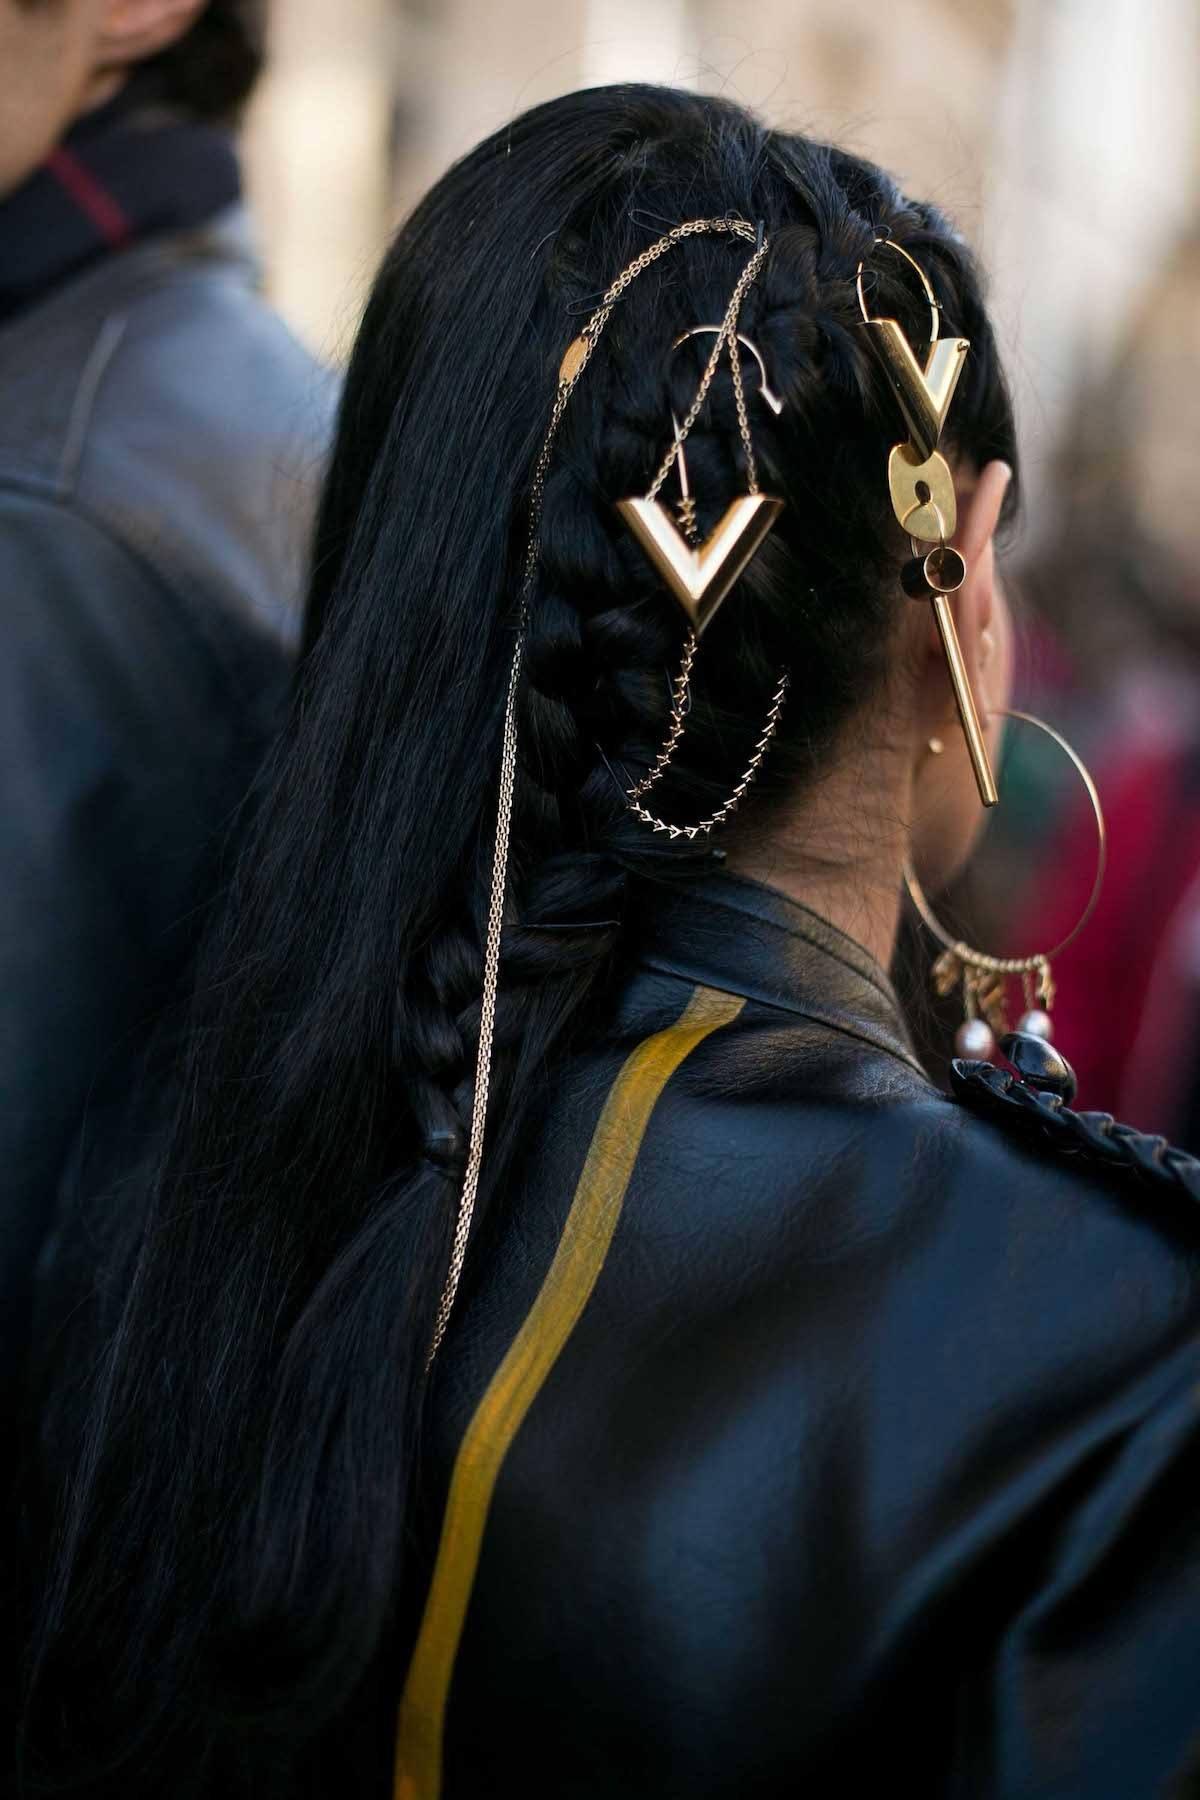 Wanita afro dengan model rambut kepang untuk pesta warna hitam dan aksesoris